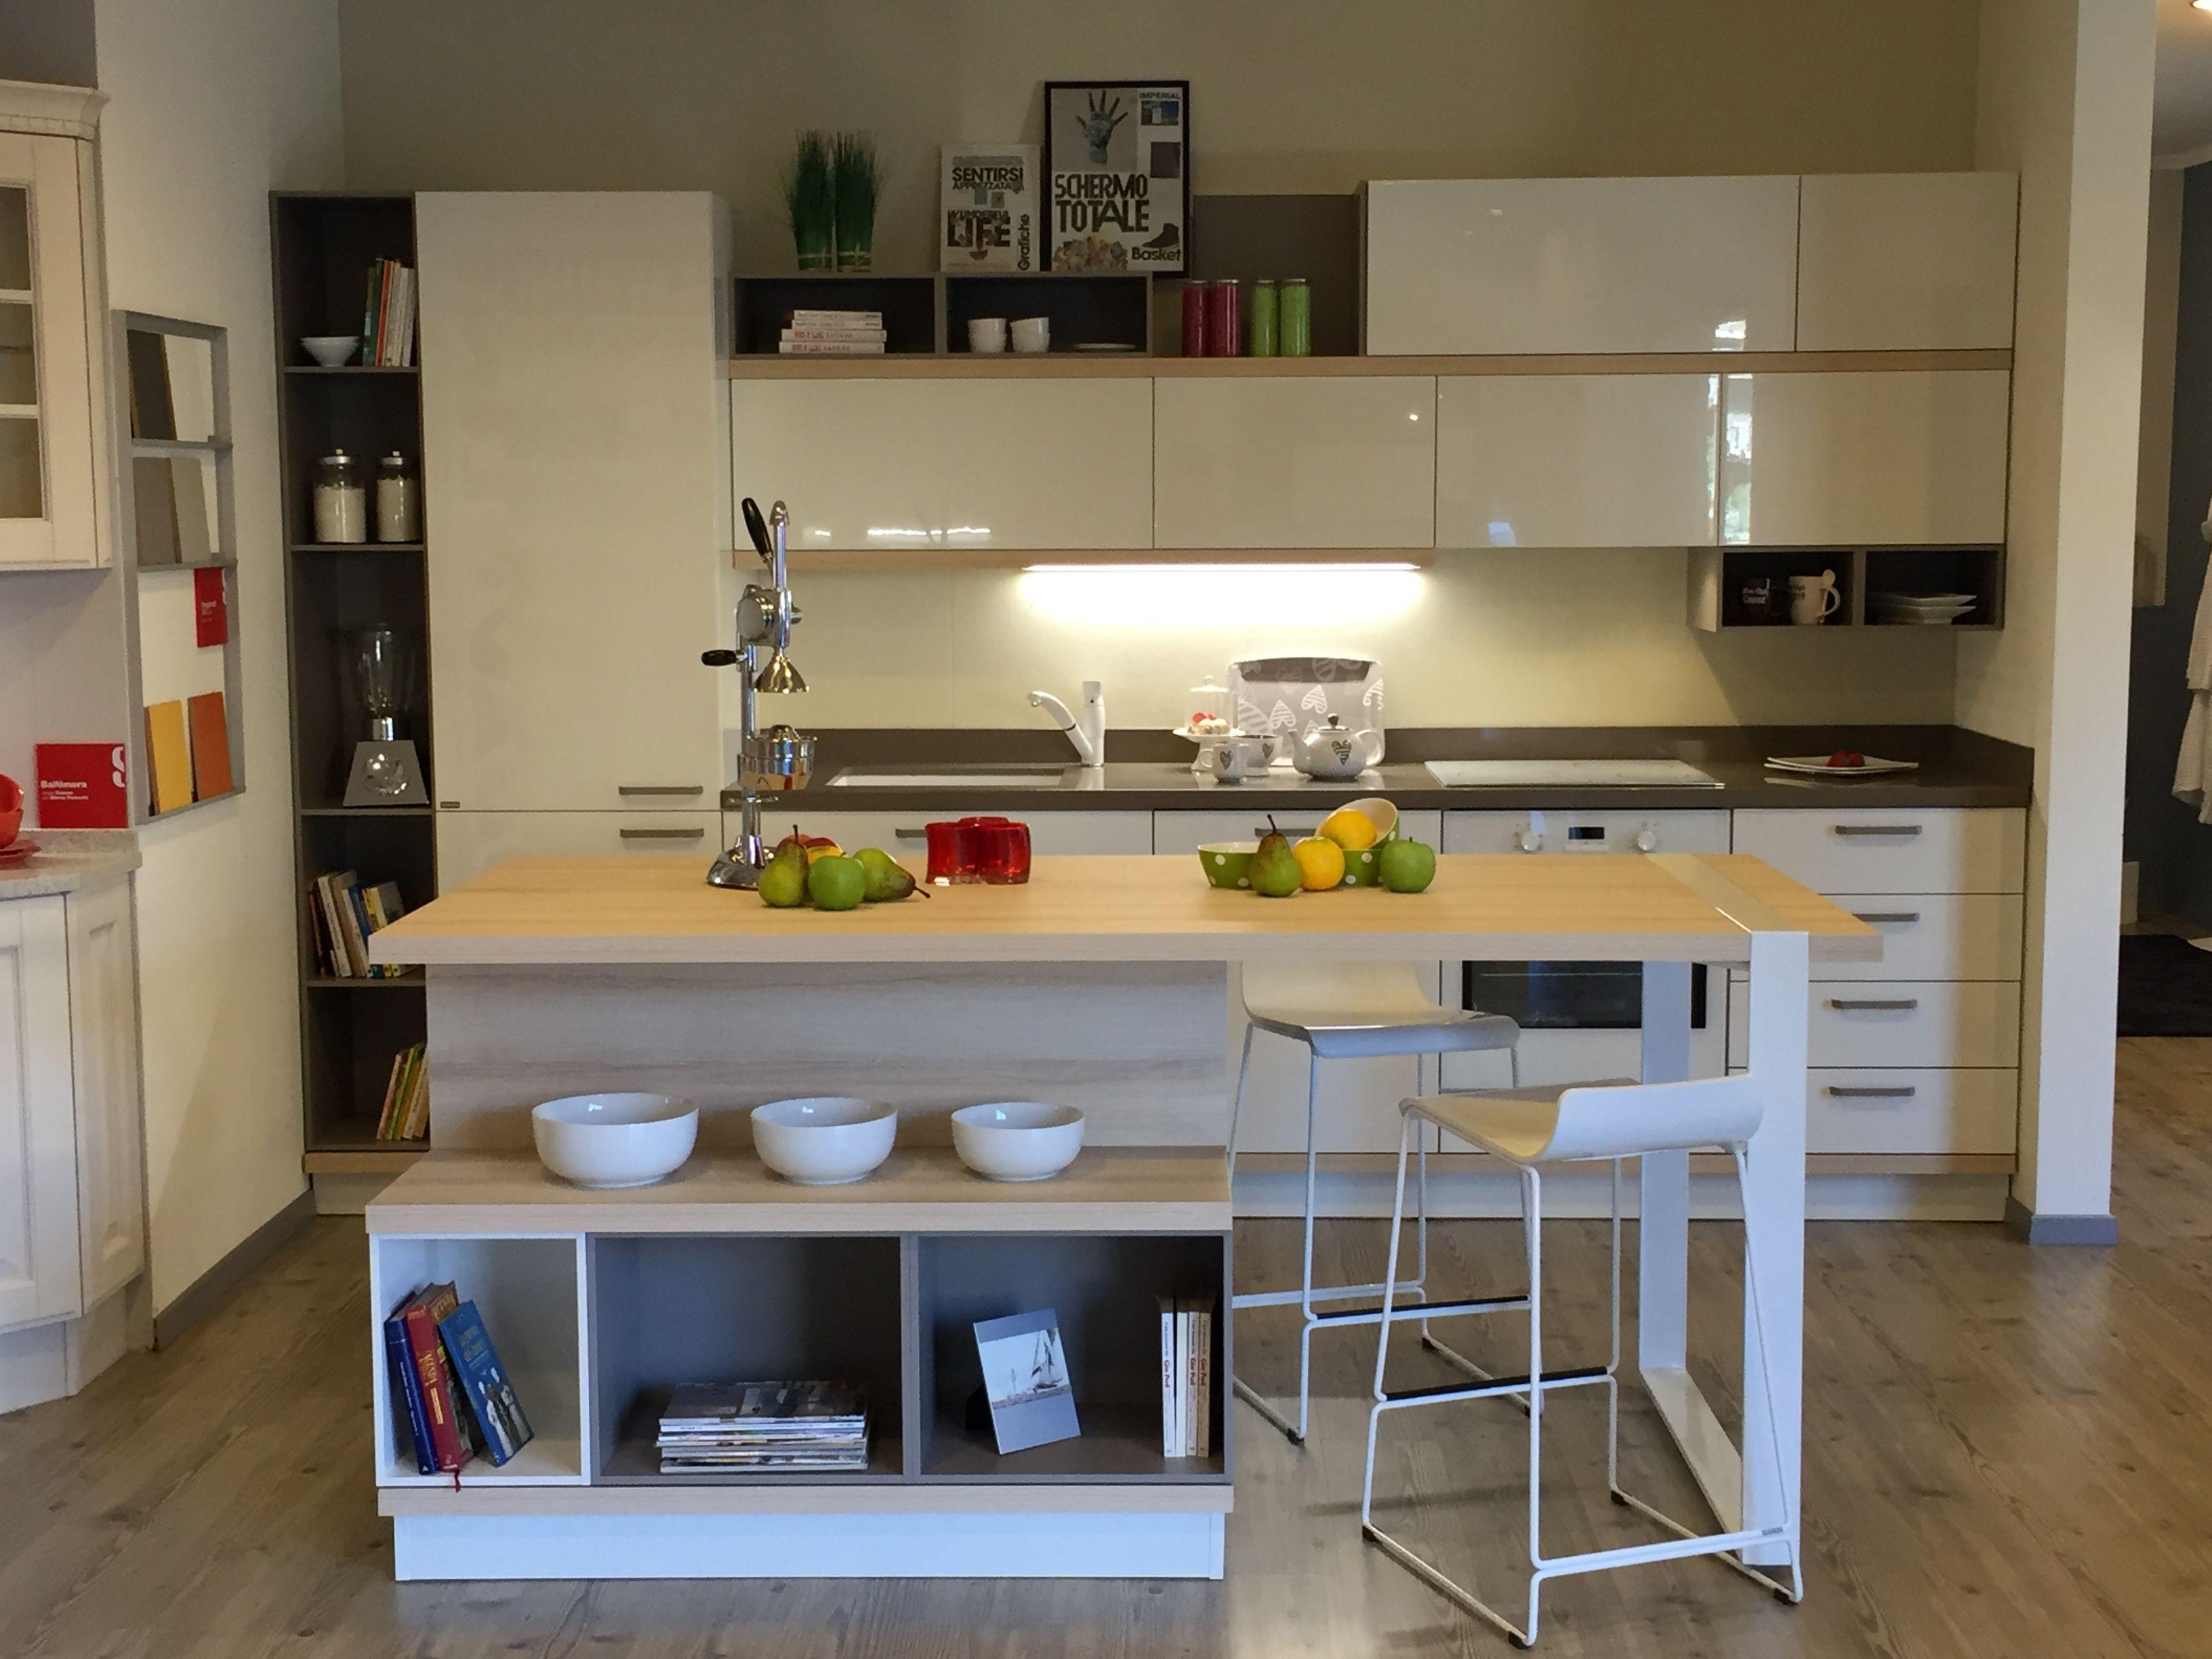 Oltre 25 fantastiche idee su Cucine grigio bianco su Pinterest ...